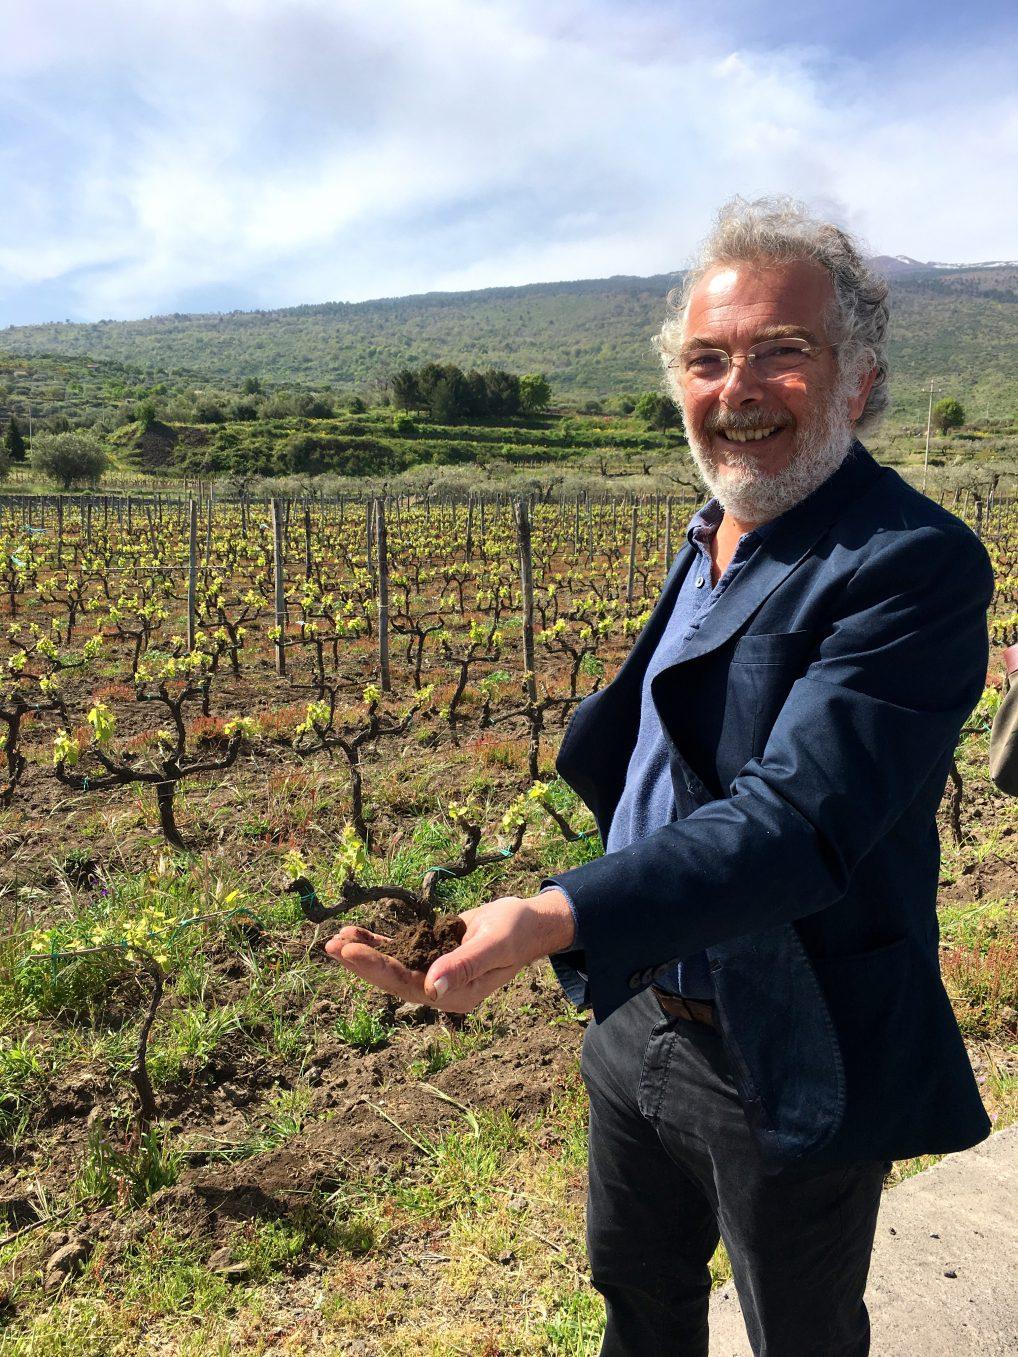 Giuseppe Tasca viser stolt frem jorden som gjør at viner fra Etna regnes som noen av Sicilias beste.